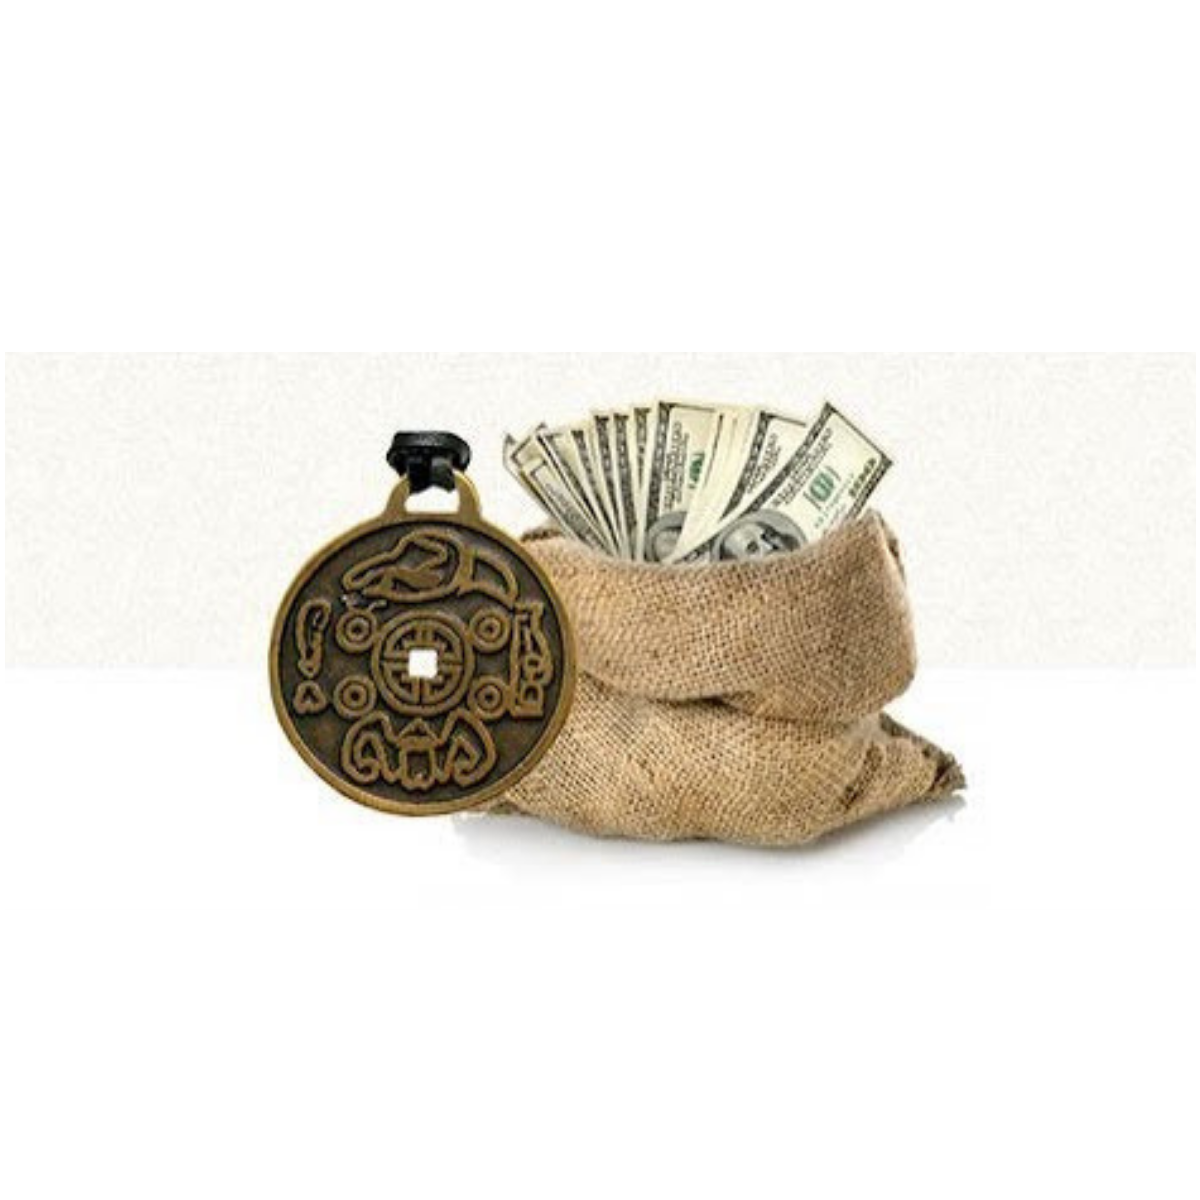 Фен-шуй для привлечения денег, счастья и богатства: что делать, чтобы деньги водились